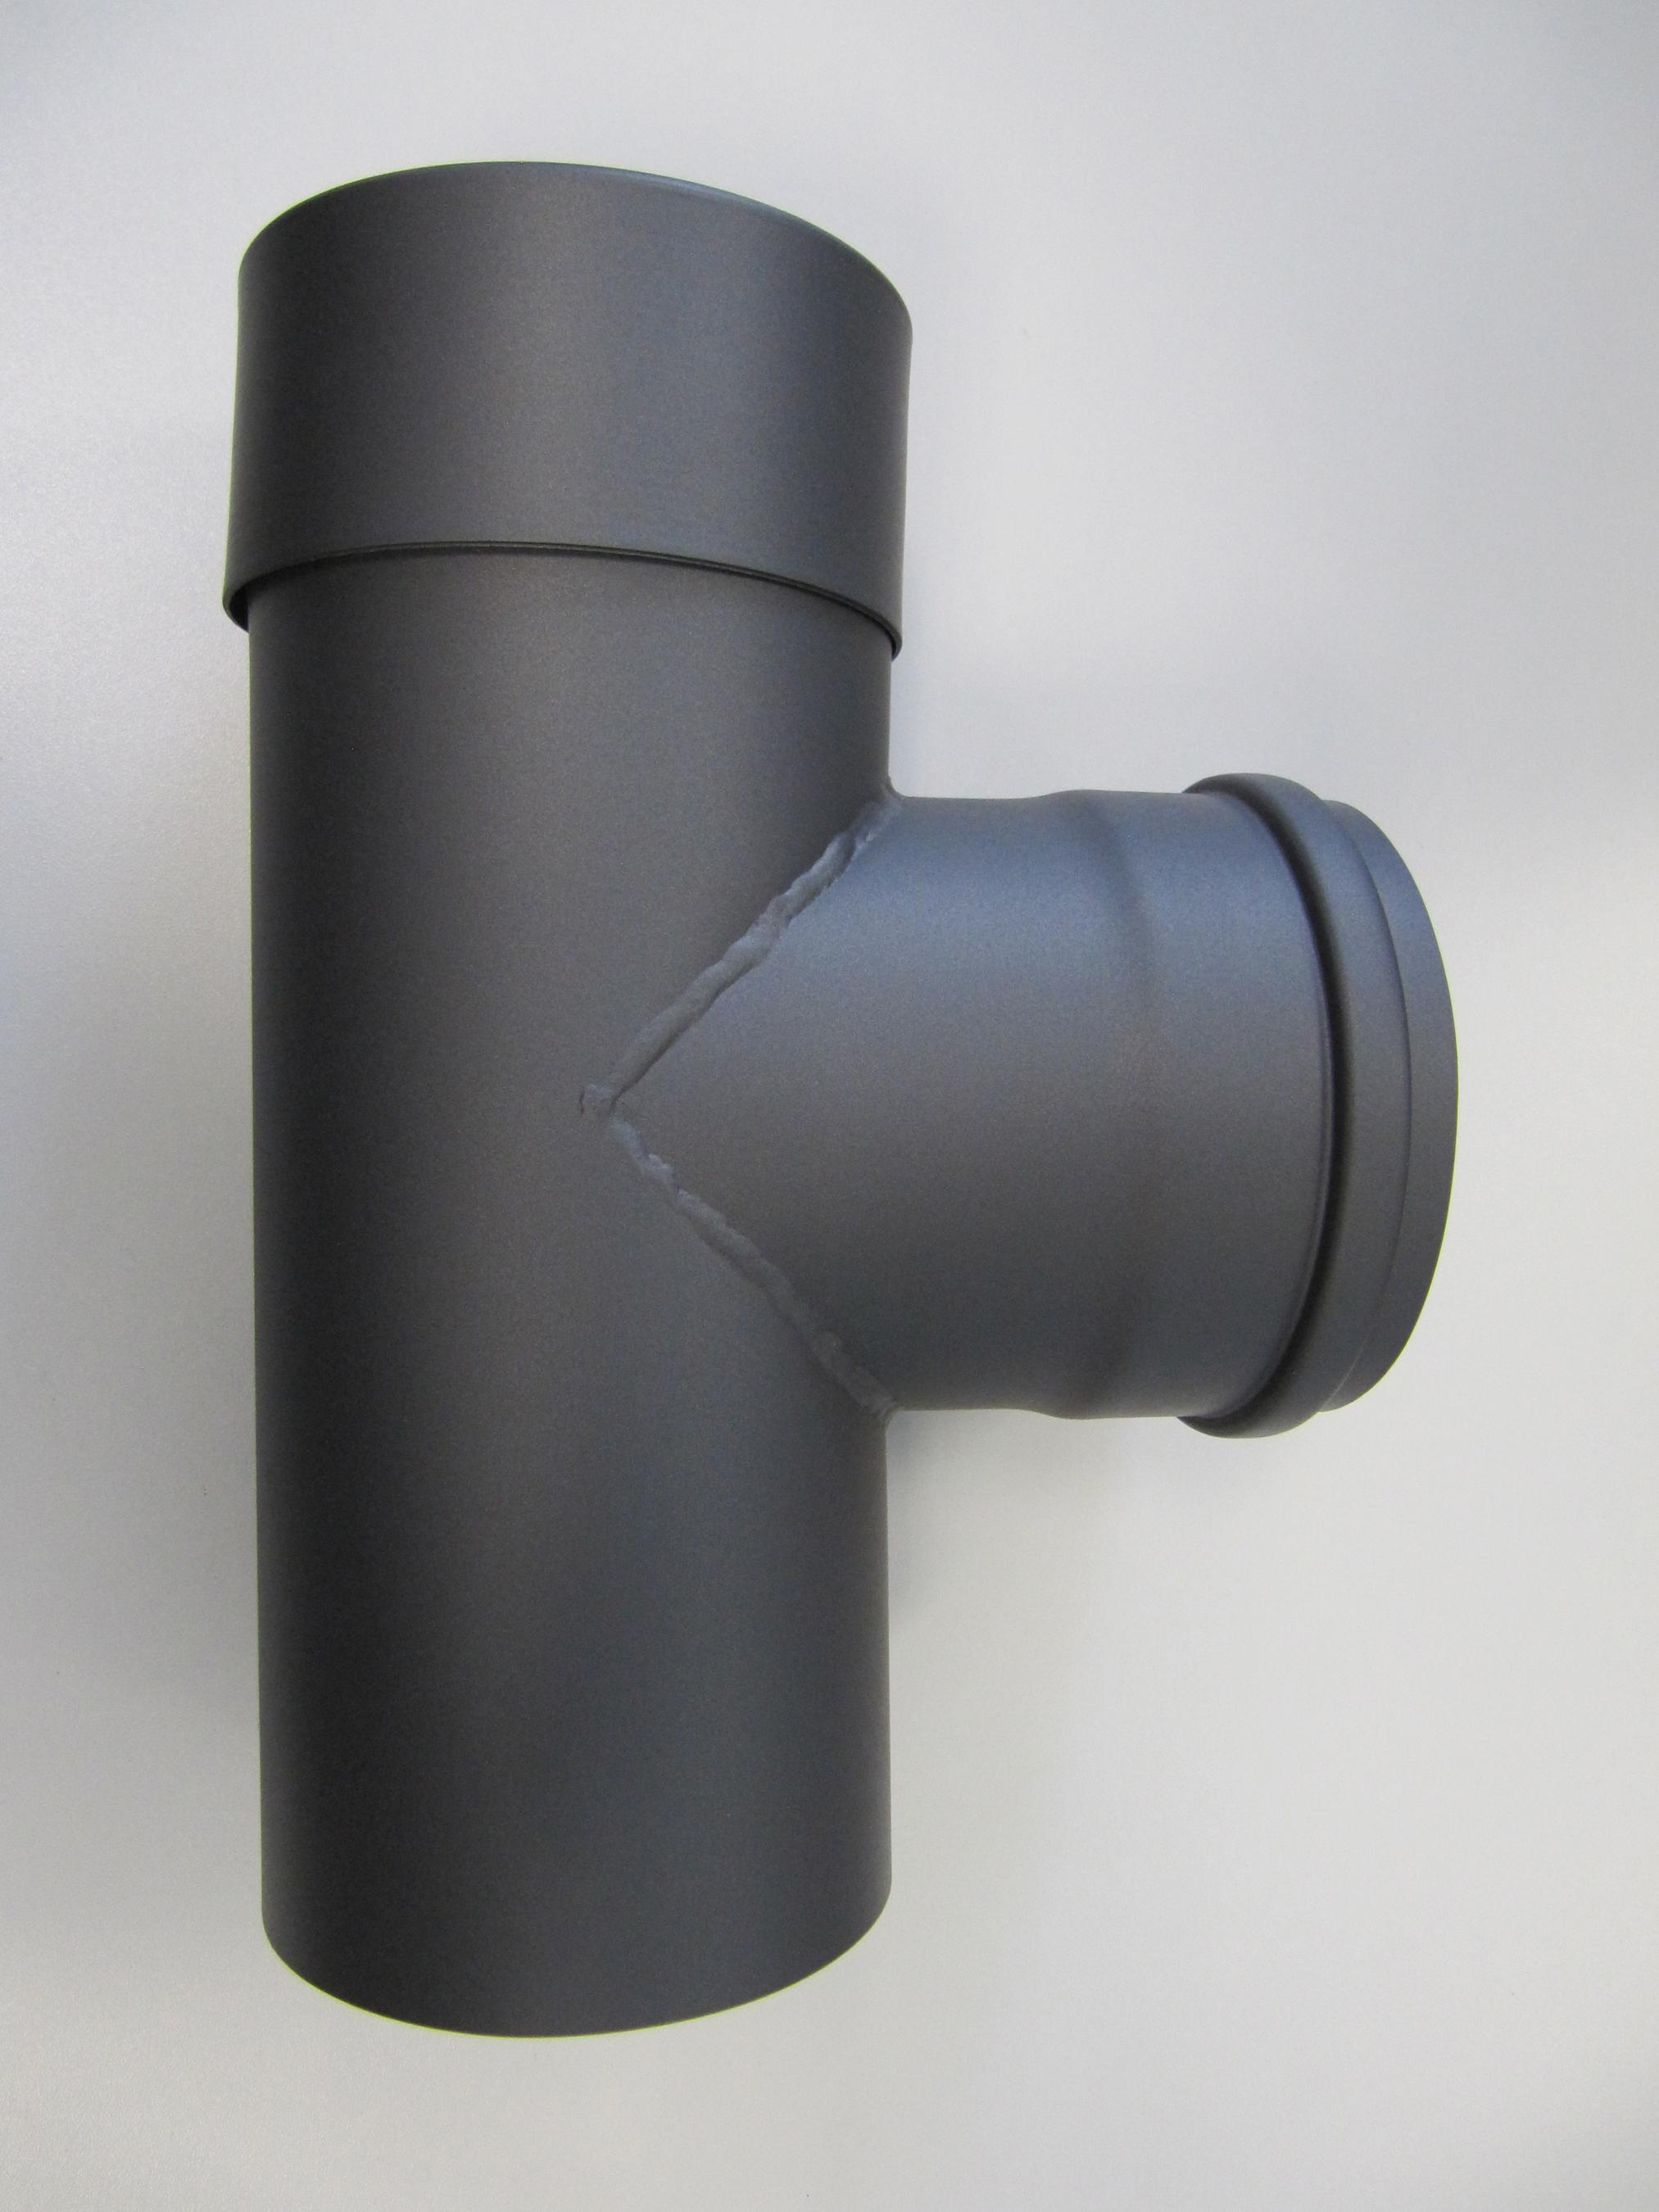 T-Stück für Pelletofen Senotherm 0,8mm grau Ø100mm gemufft Länge 250mm Bild 3